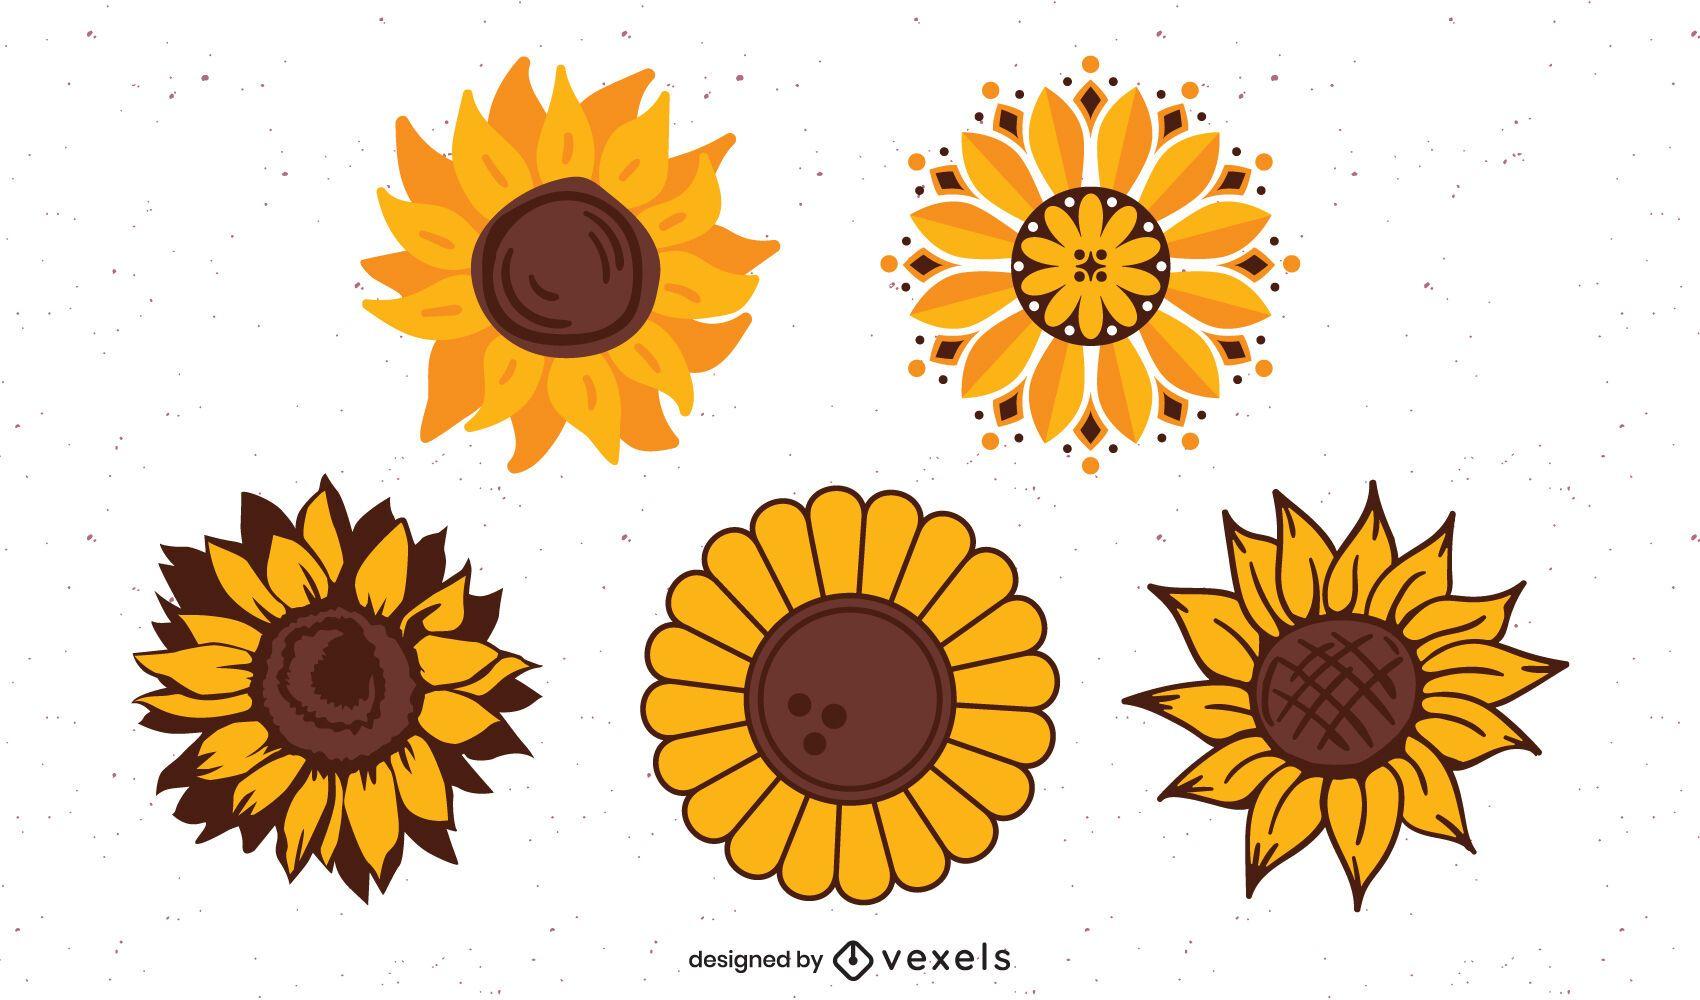 Sunflowers illustation set